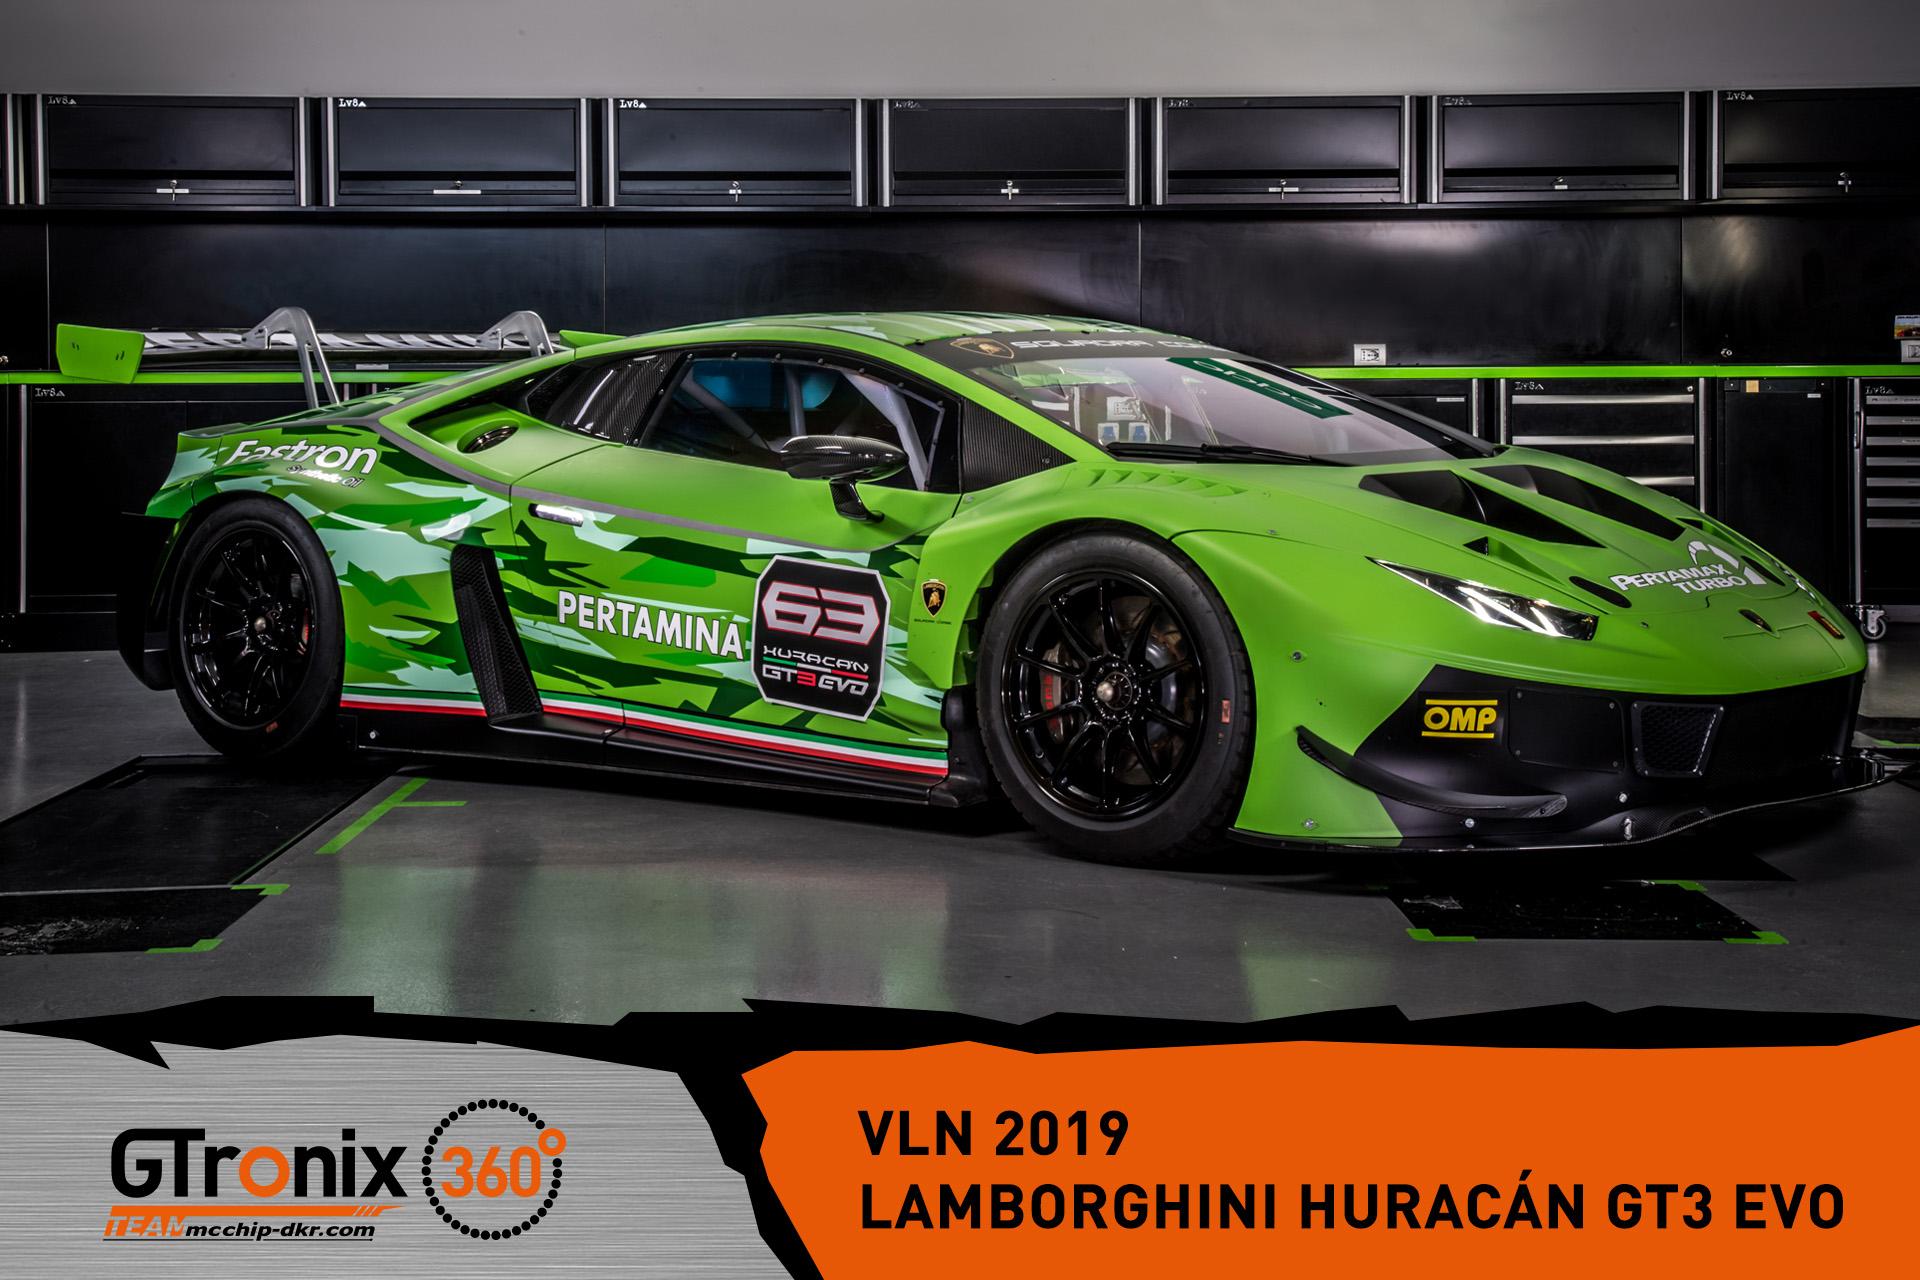 Vln 2019 Switch To Lamborghini Huracan Gt3 Evo